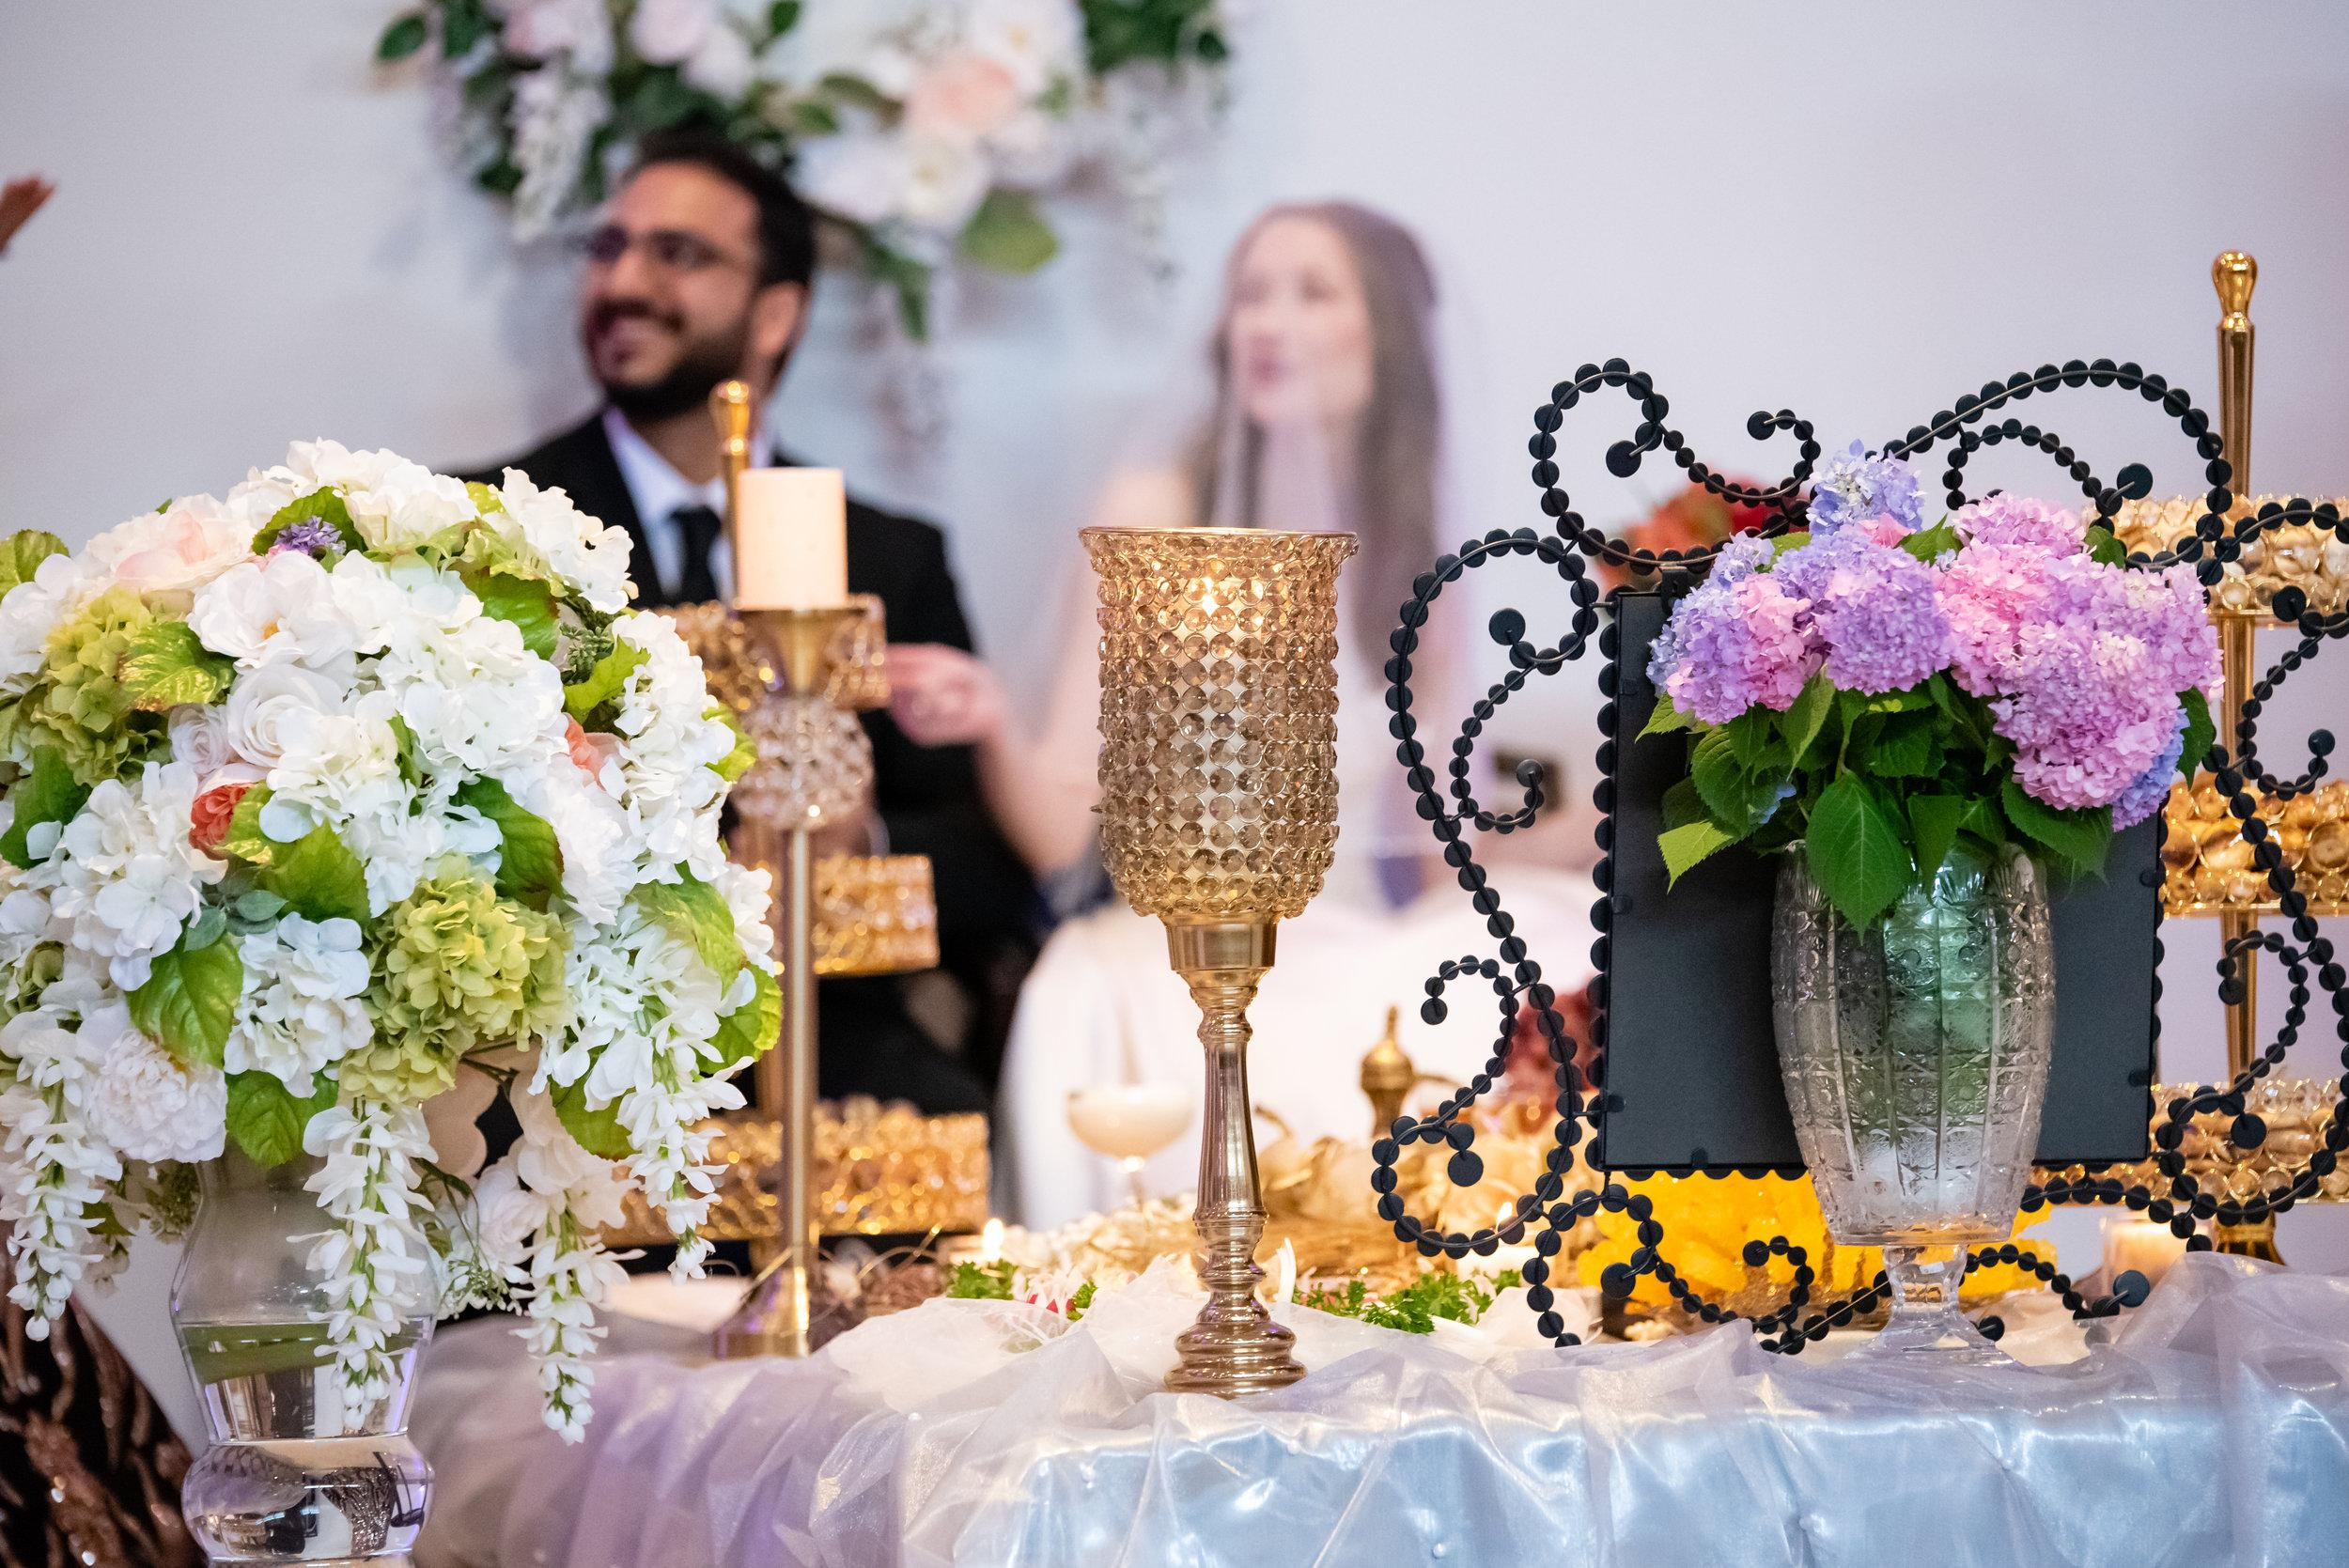 3_2019_June_07-06_07_2019_Kaitlyn_Davood_wedding-57803.jpg